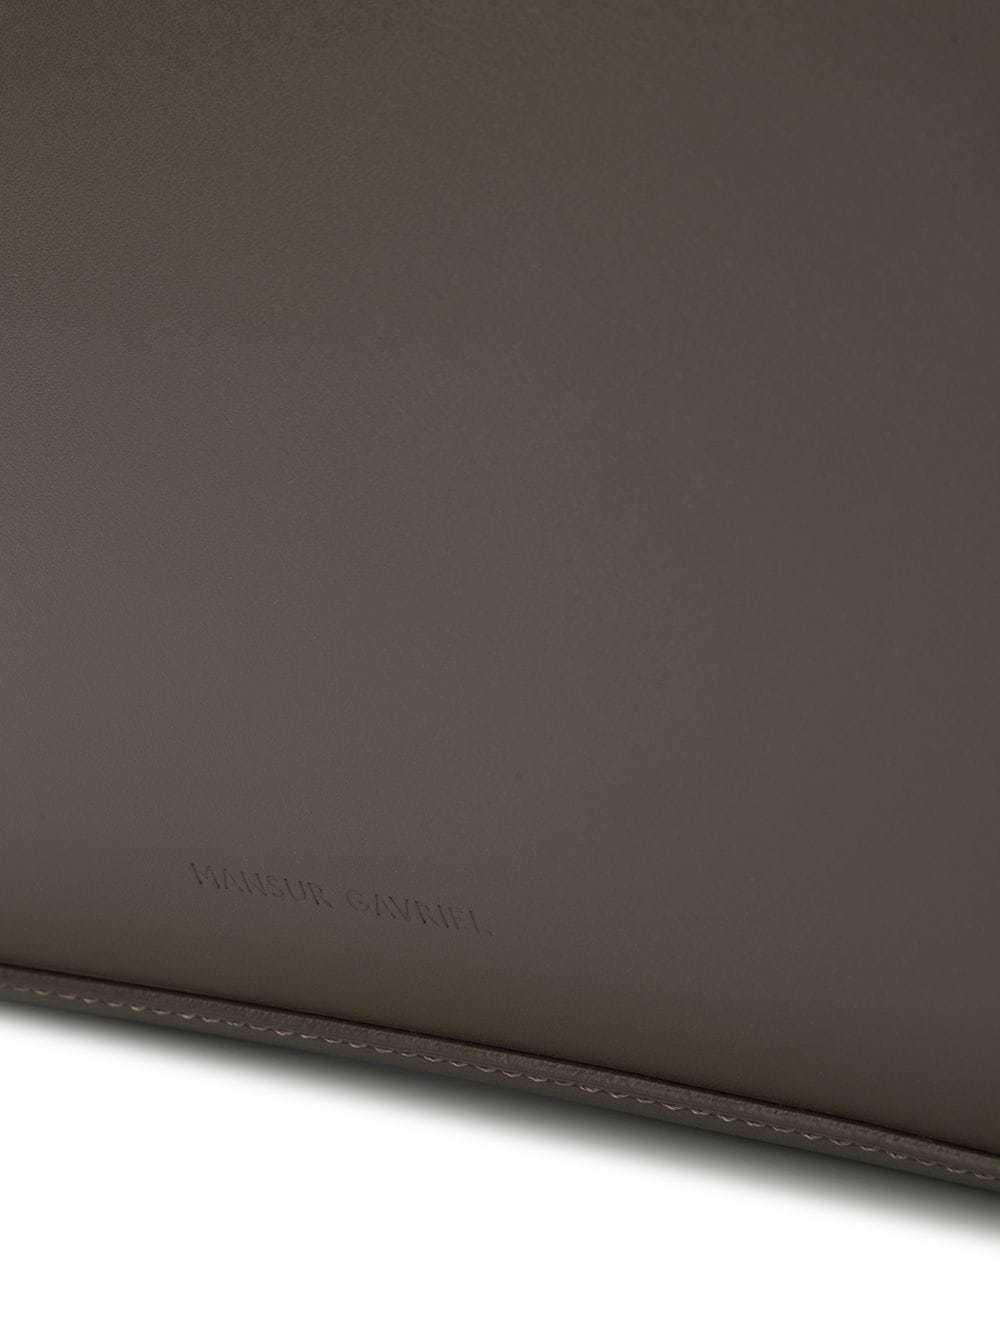 dunkelbraune Leder Aktentasche von Mansur Gavriel